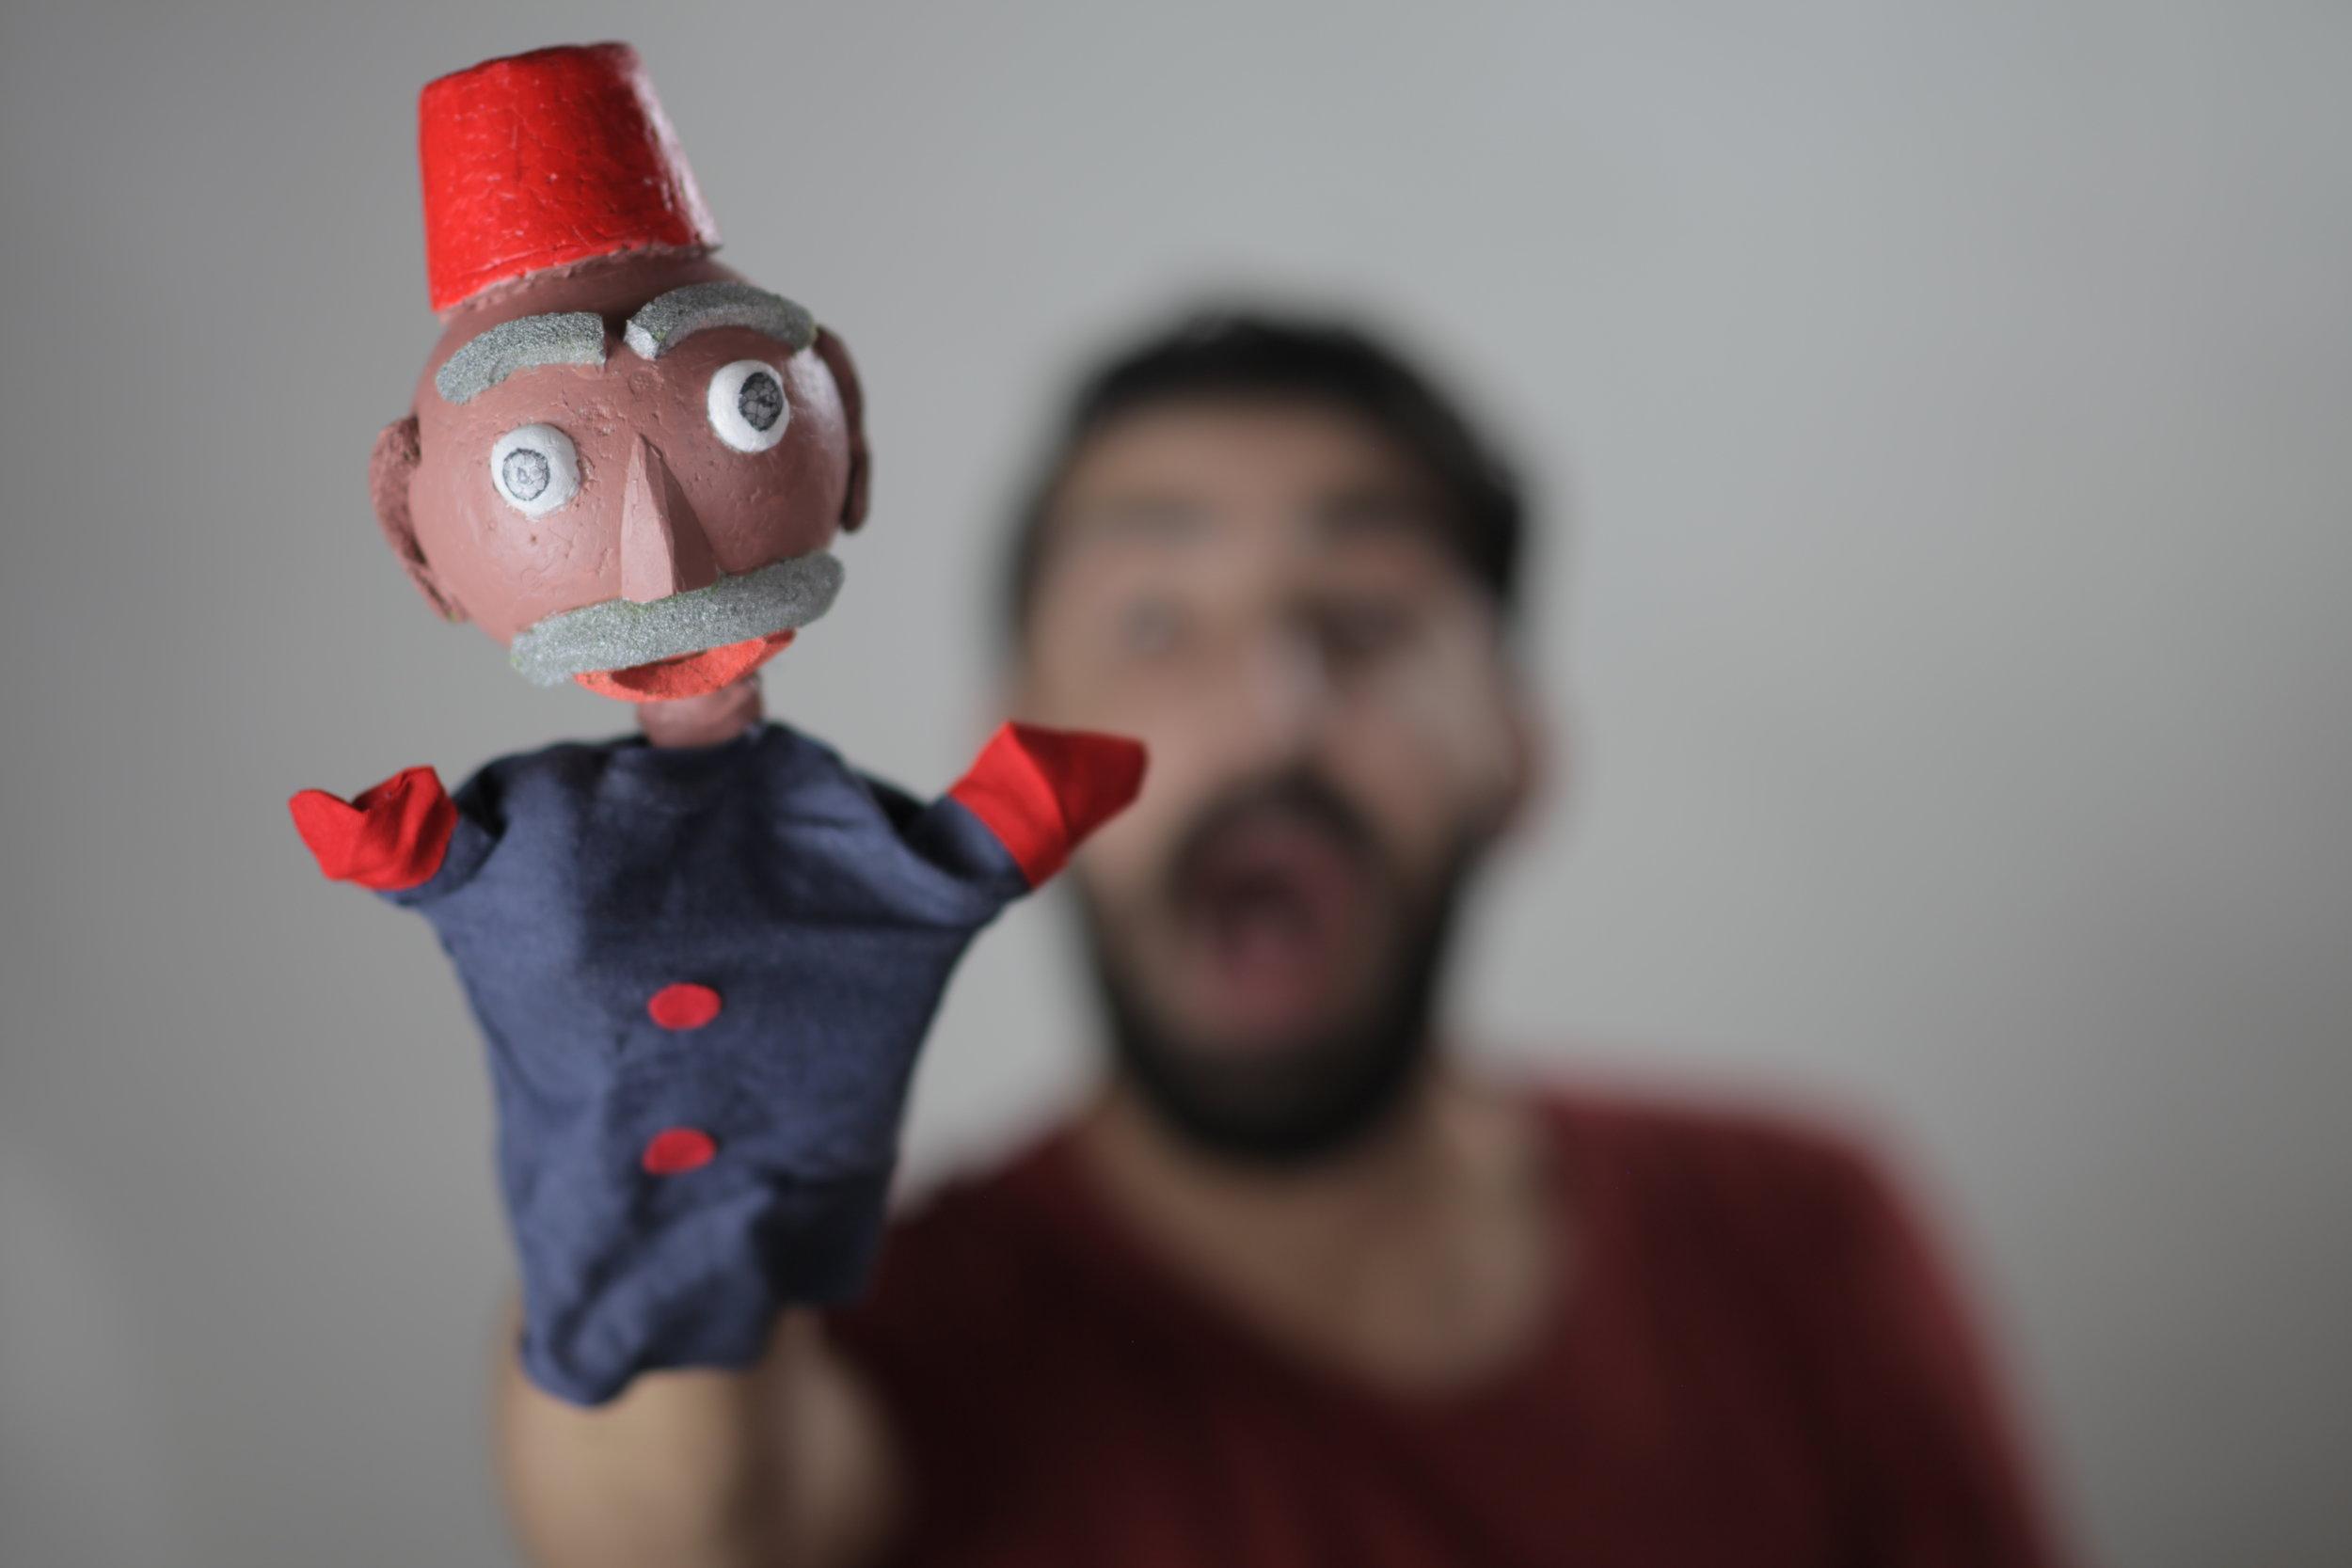 أنشطة بالعطلة الصيفة - دورات تدريبية لمسرح الدُمي وعروض مسرحية باللغتين العربية والسويدي